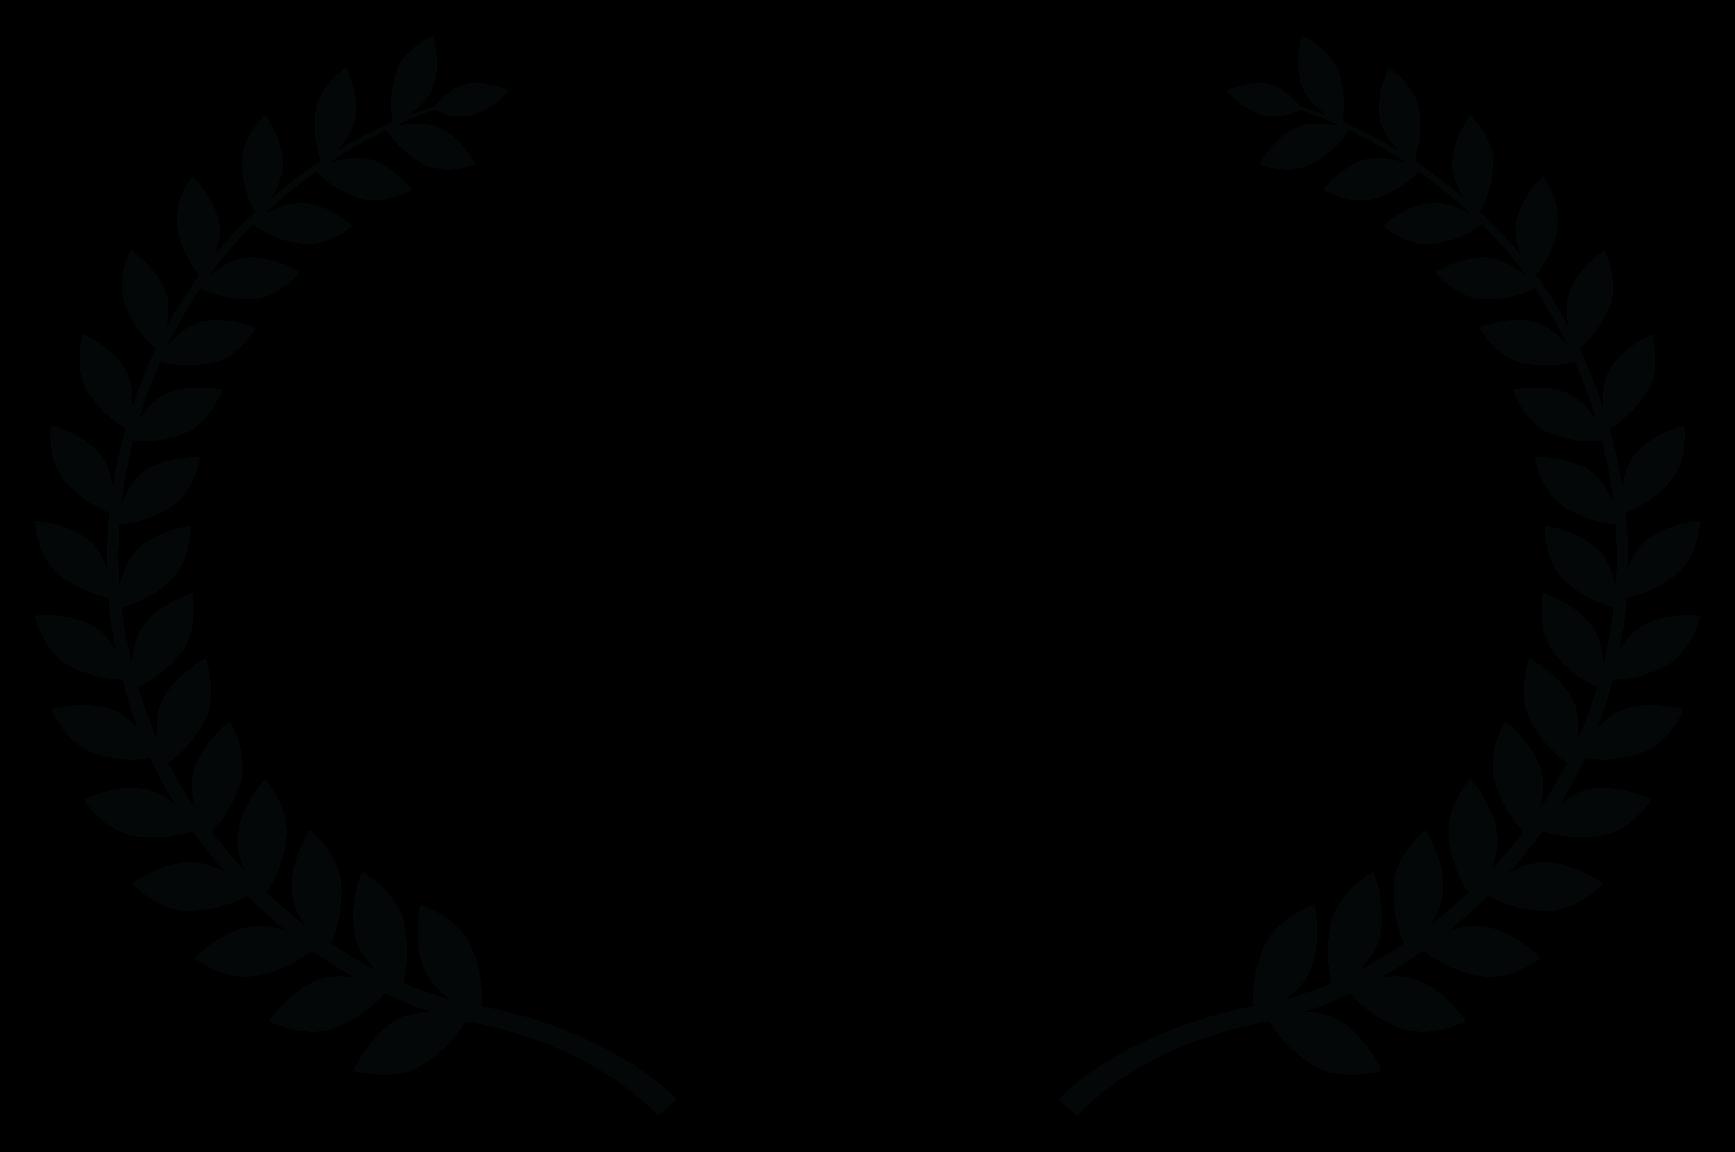 """Film Festival Update: """"The Shrug"""" accepted to Feel the Reel International Film Festival"""